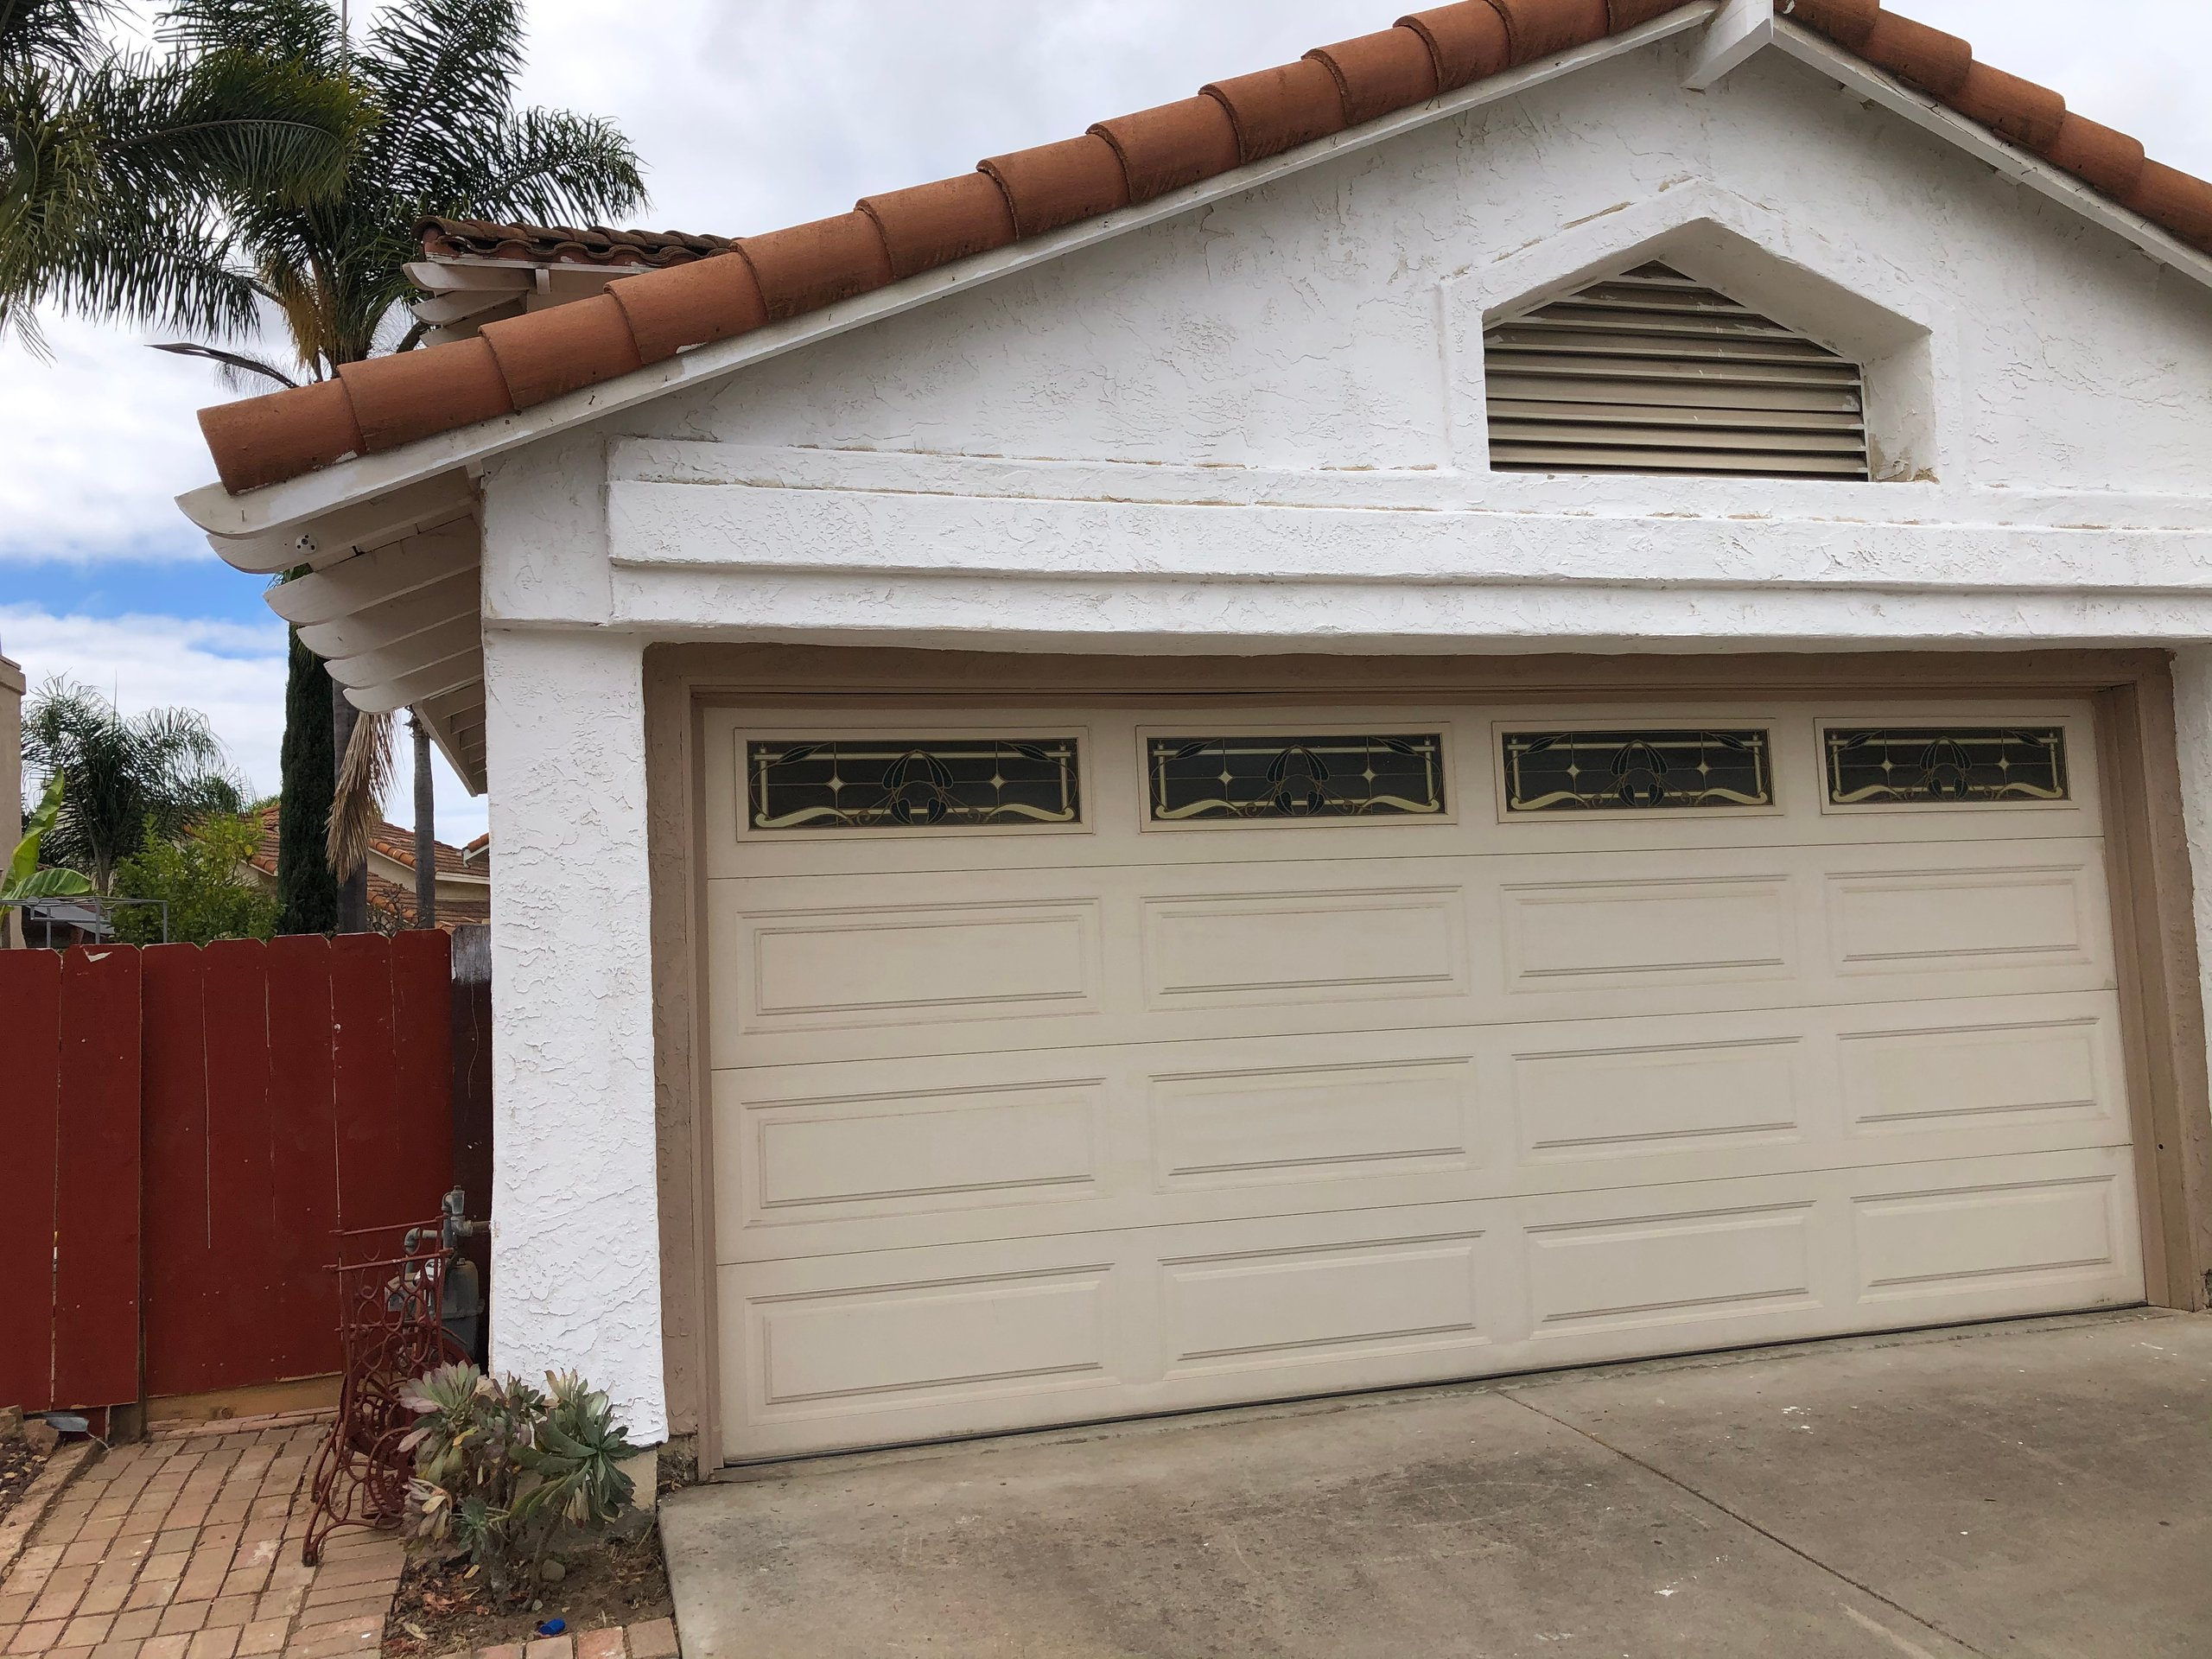 17x12 Garage self storage unit